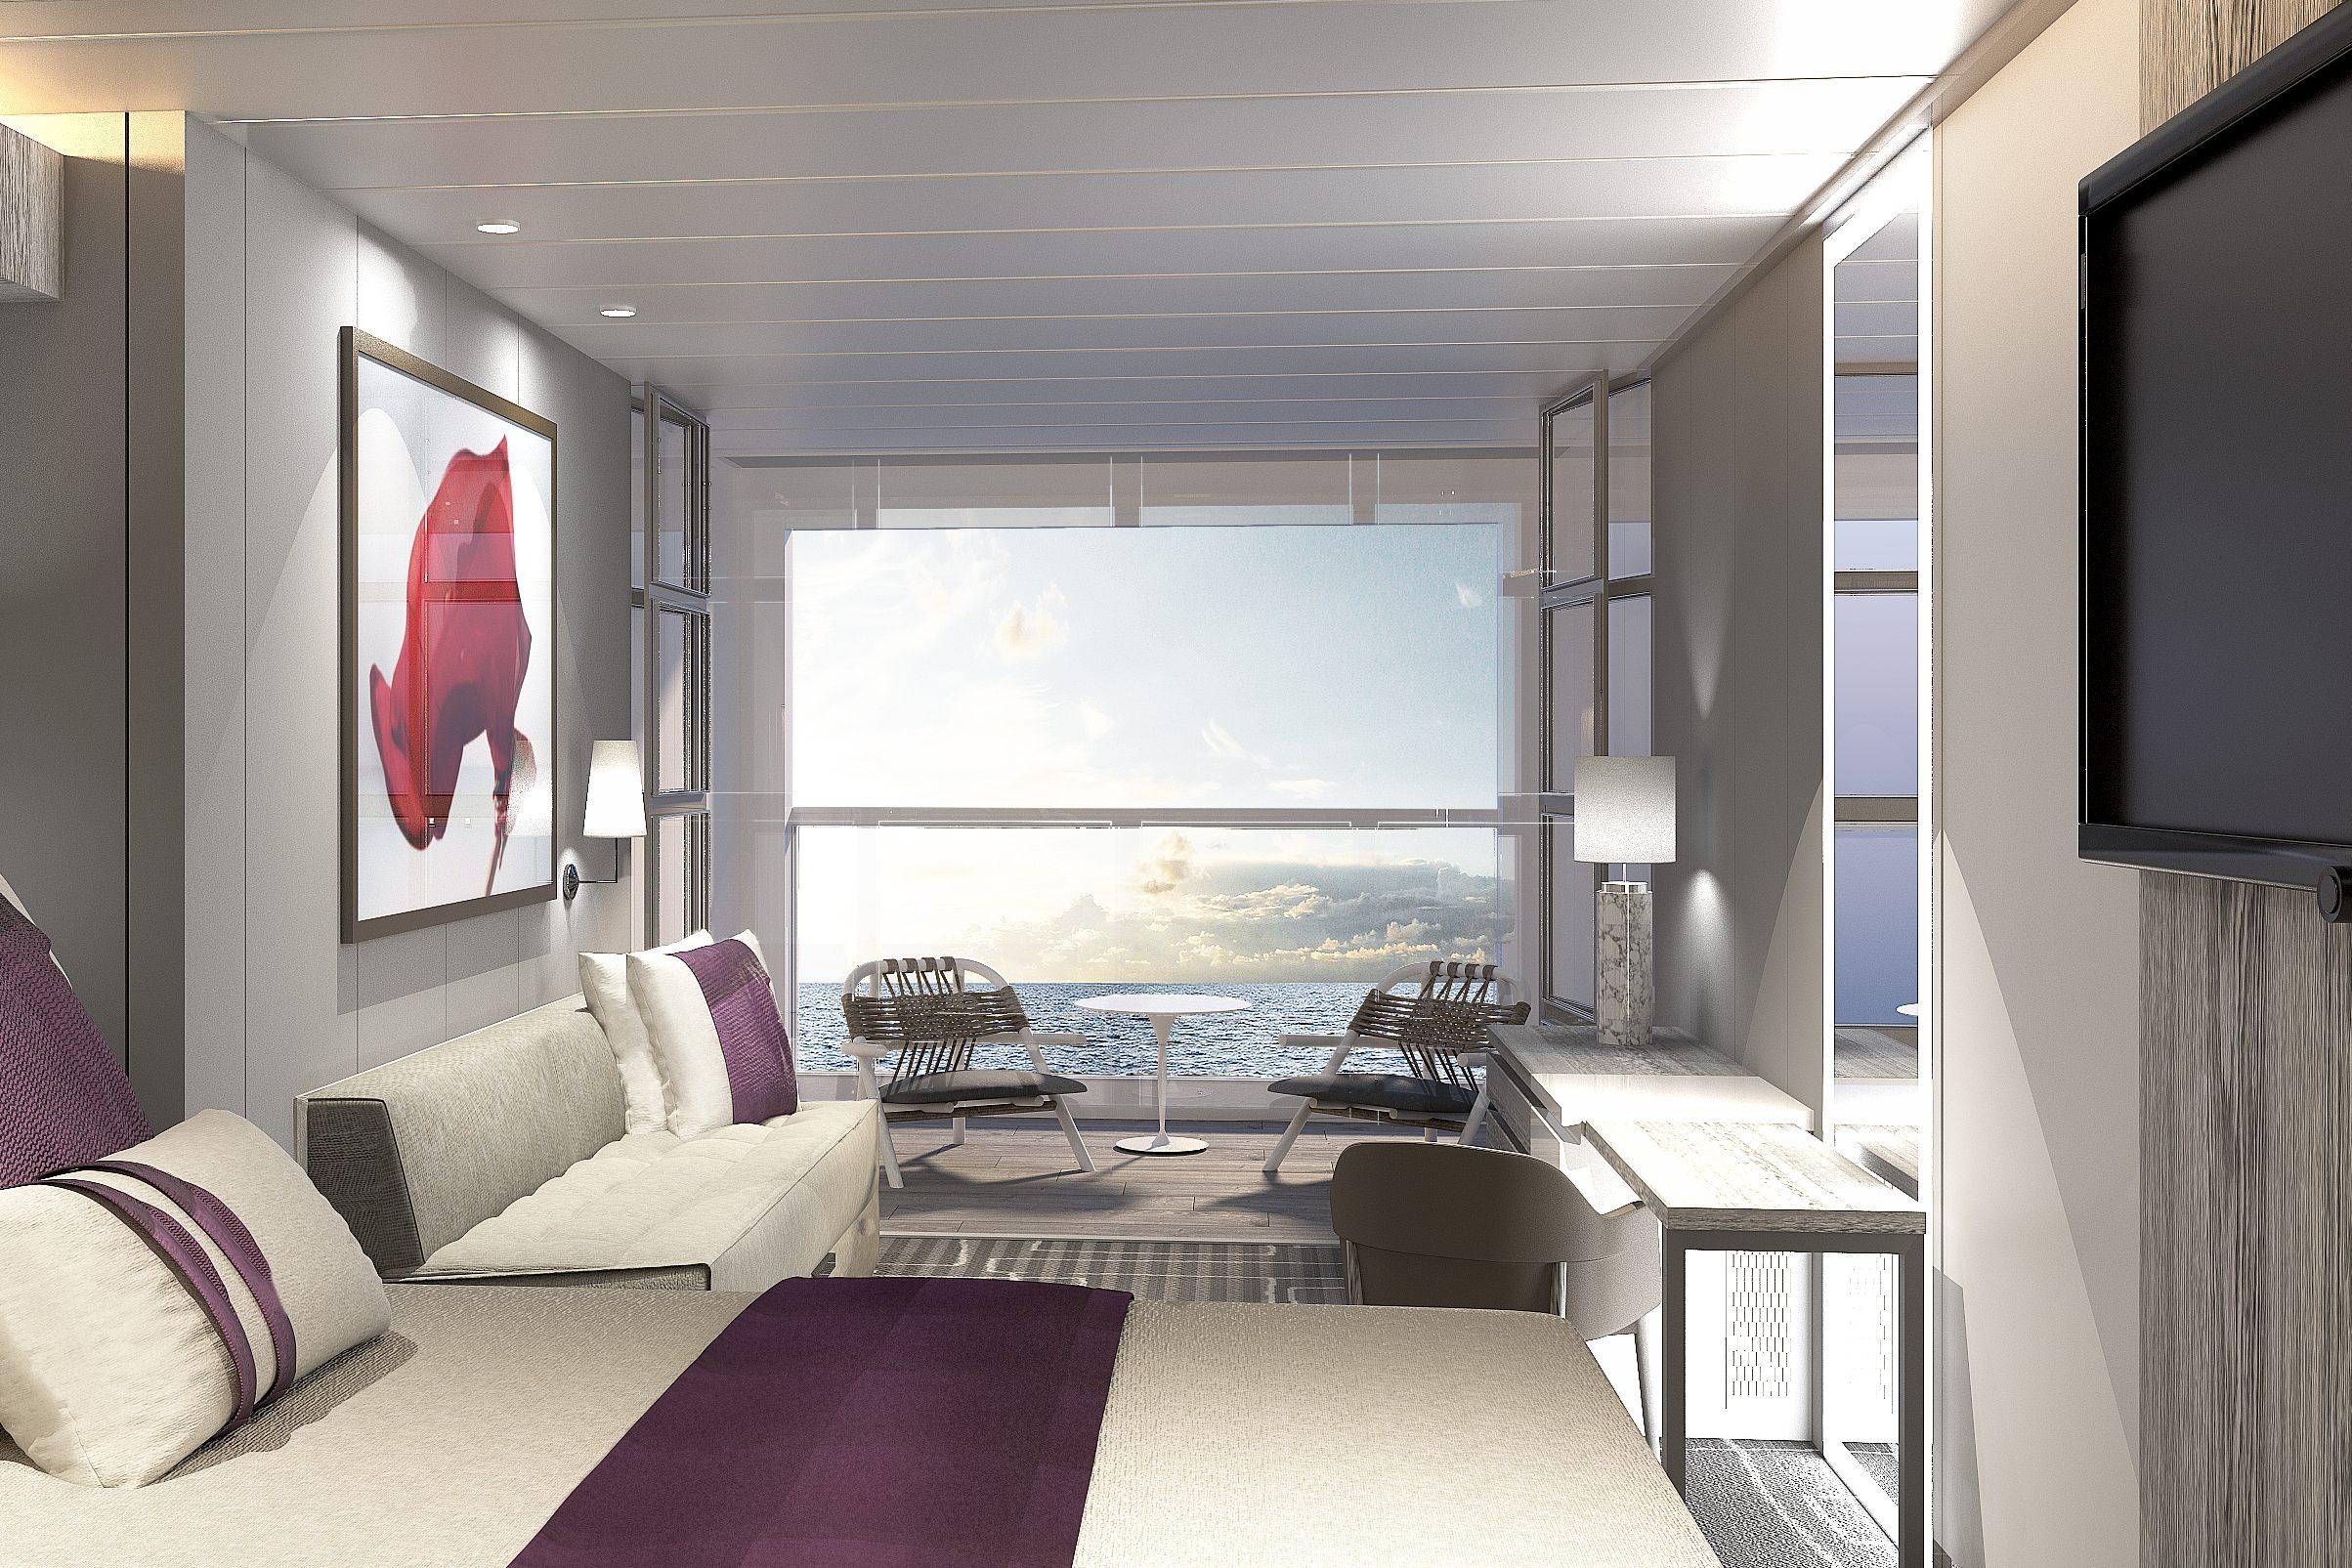 Celebrity solstice sky suite floor plan